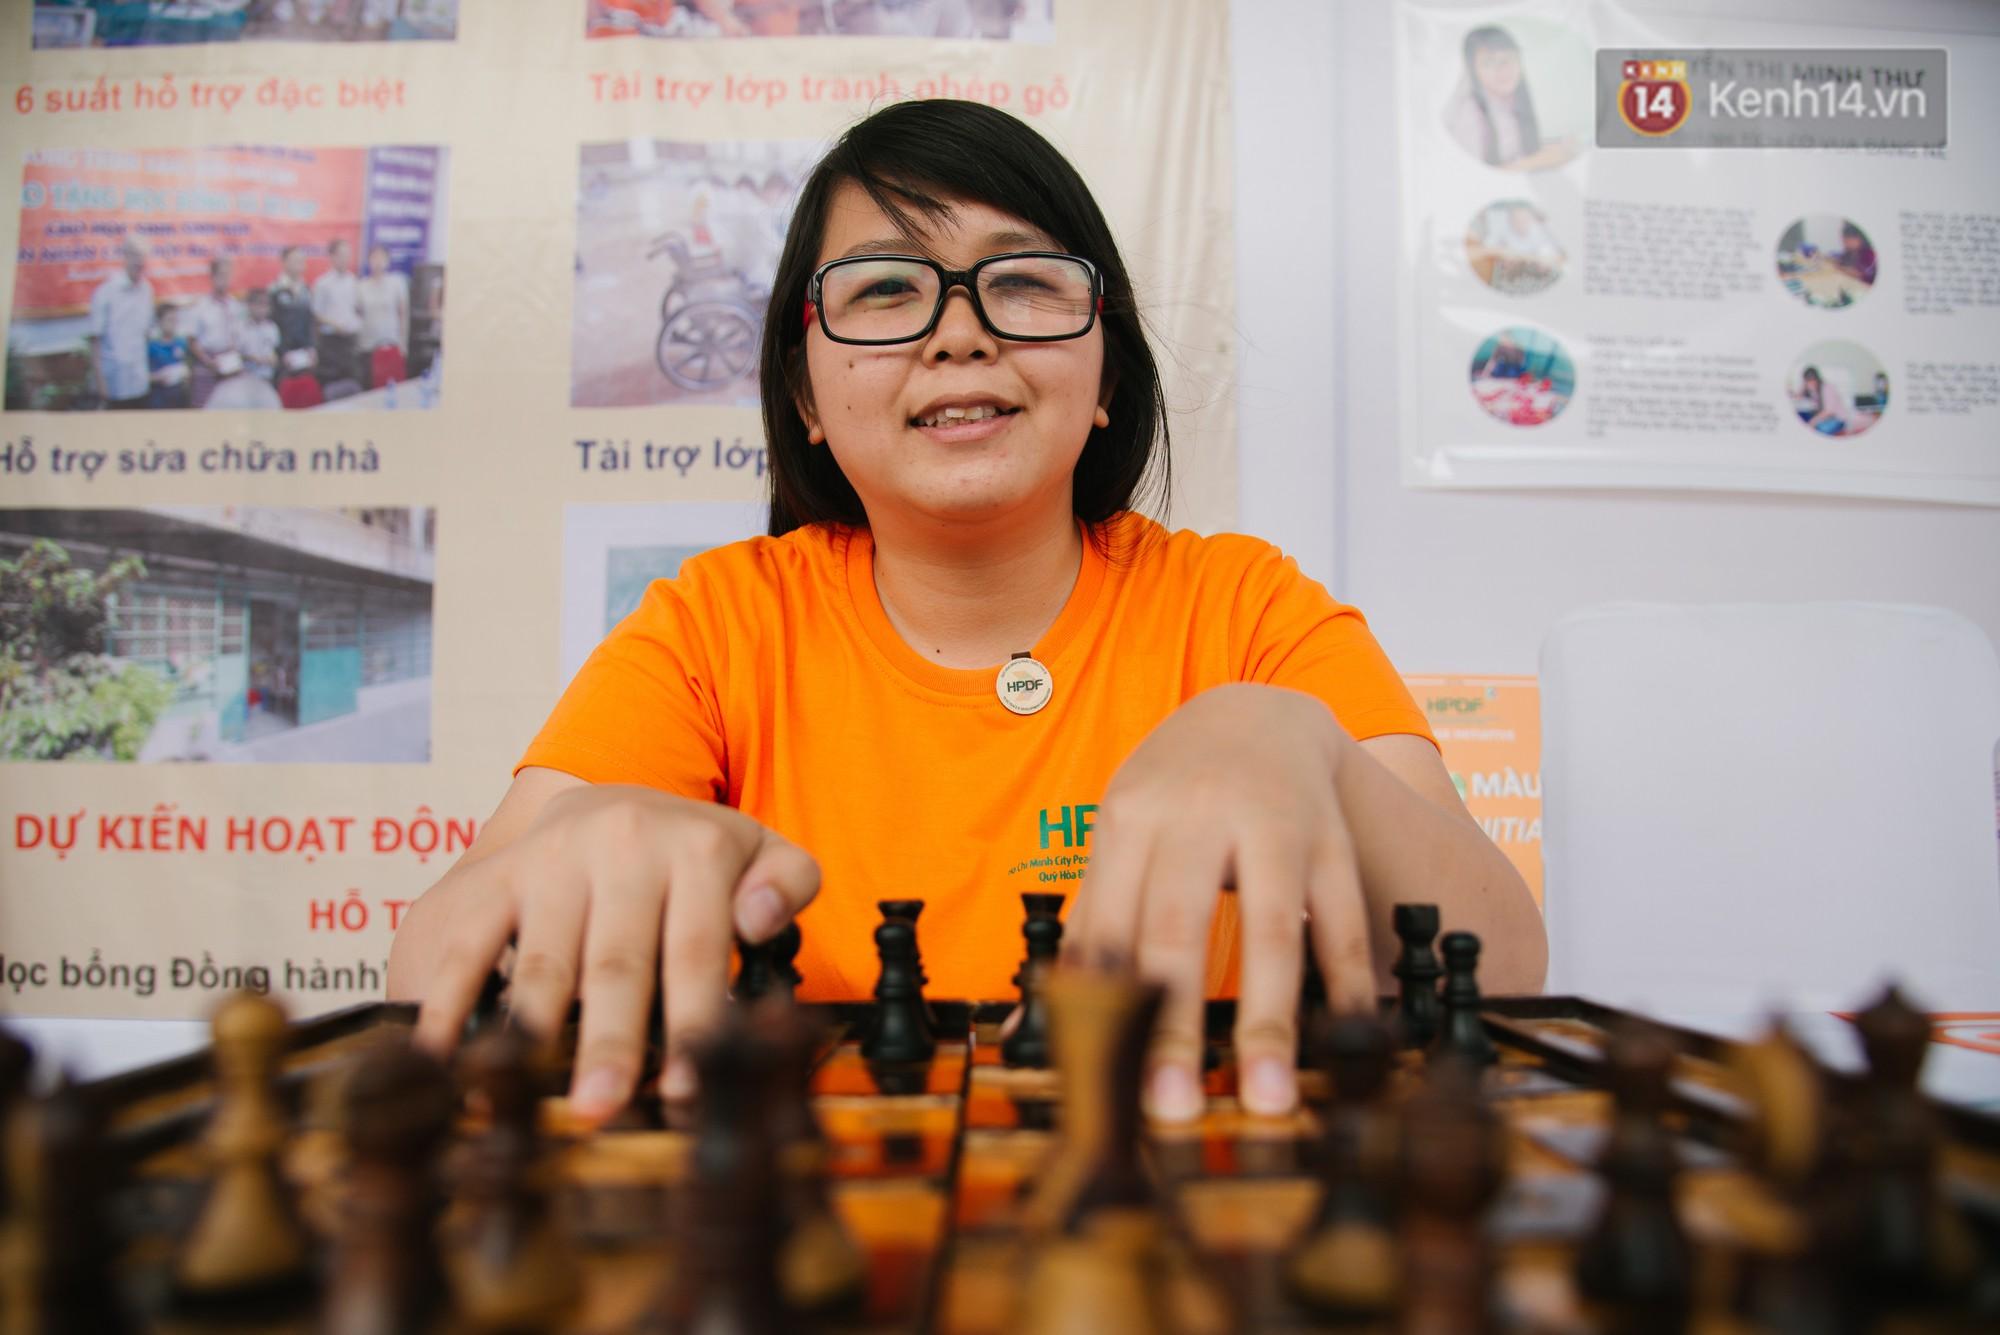 Hành trình chạm đến giải vô địch cờ vua Đông Nam Á của cô gái khiếm thị Sài Gòn - Ảnh 4.